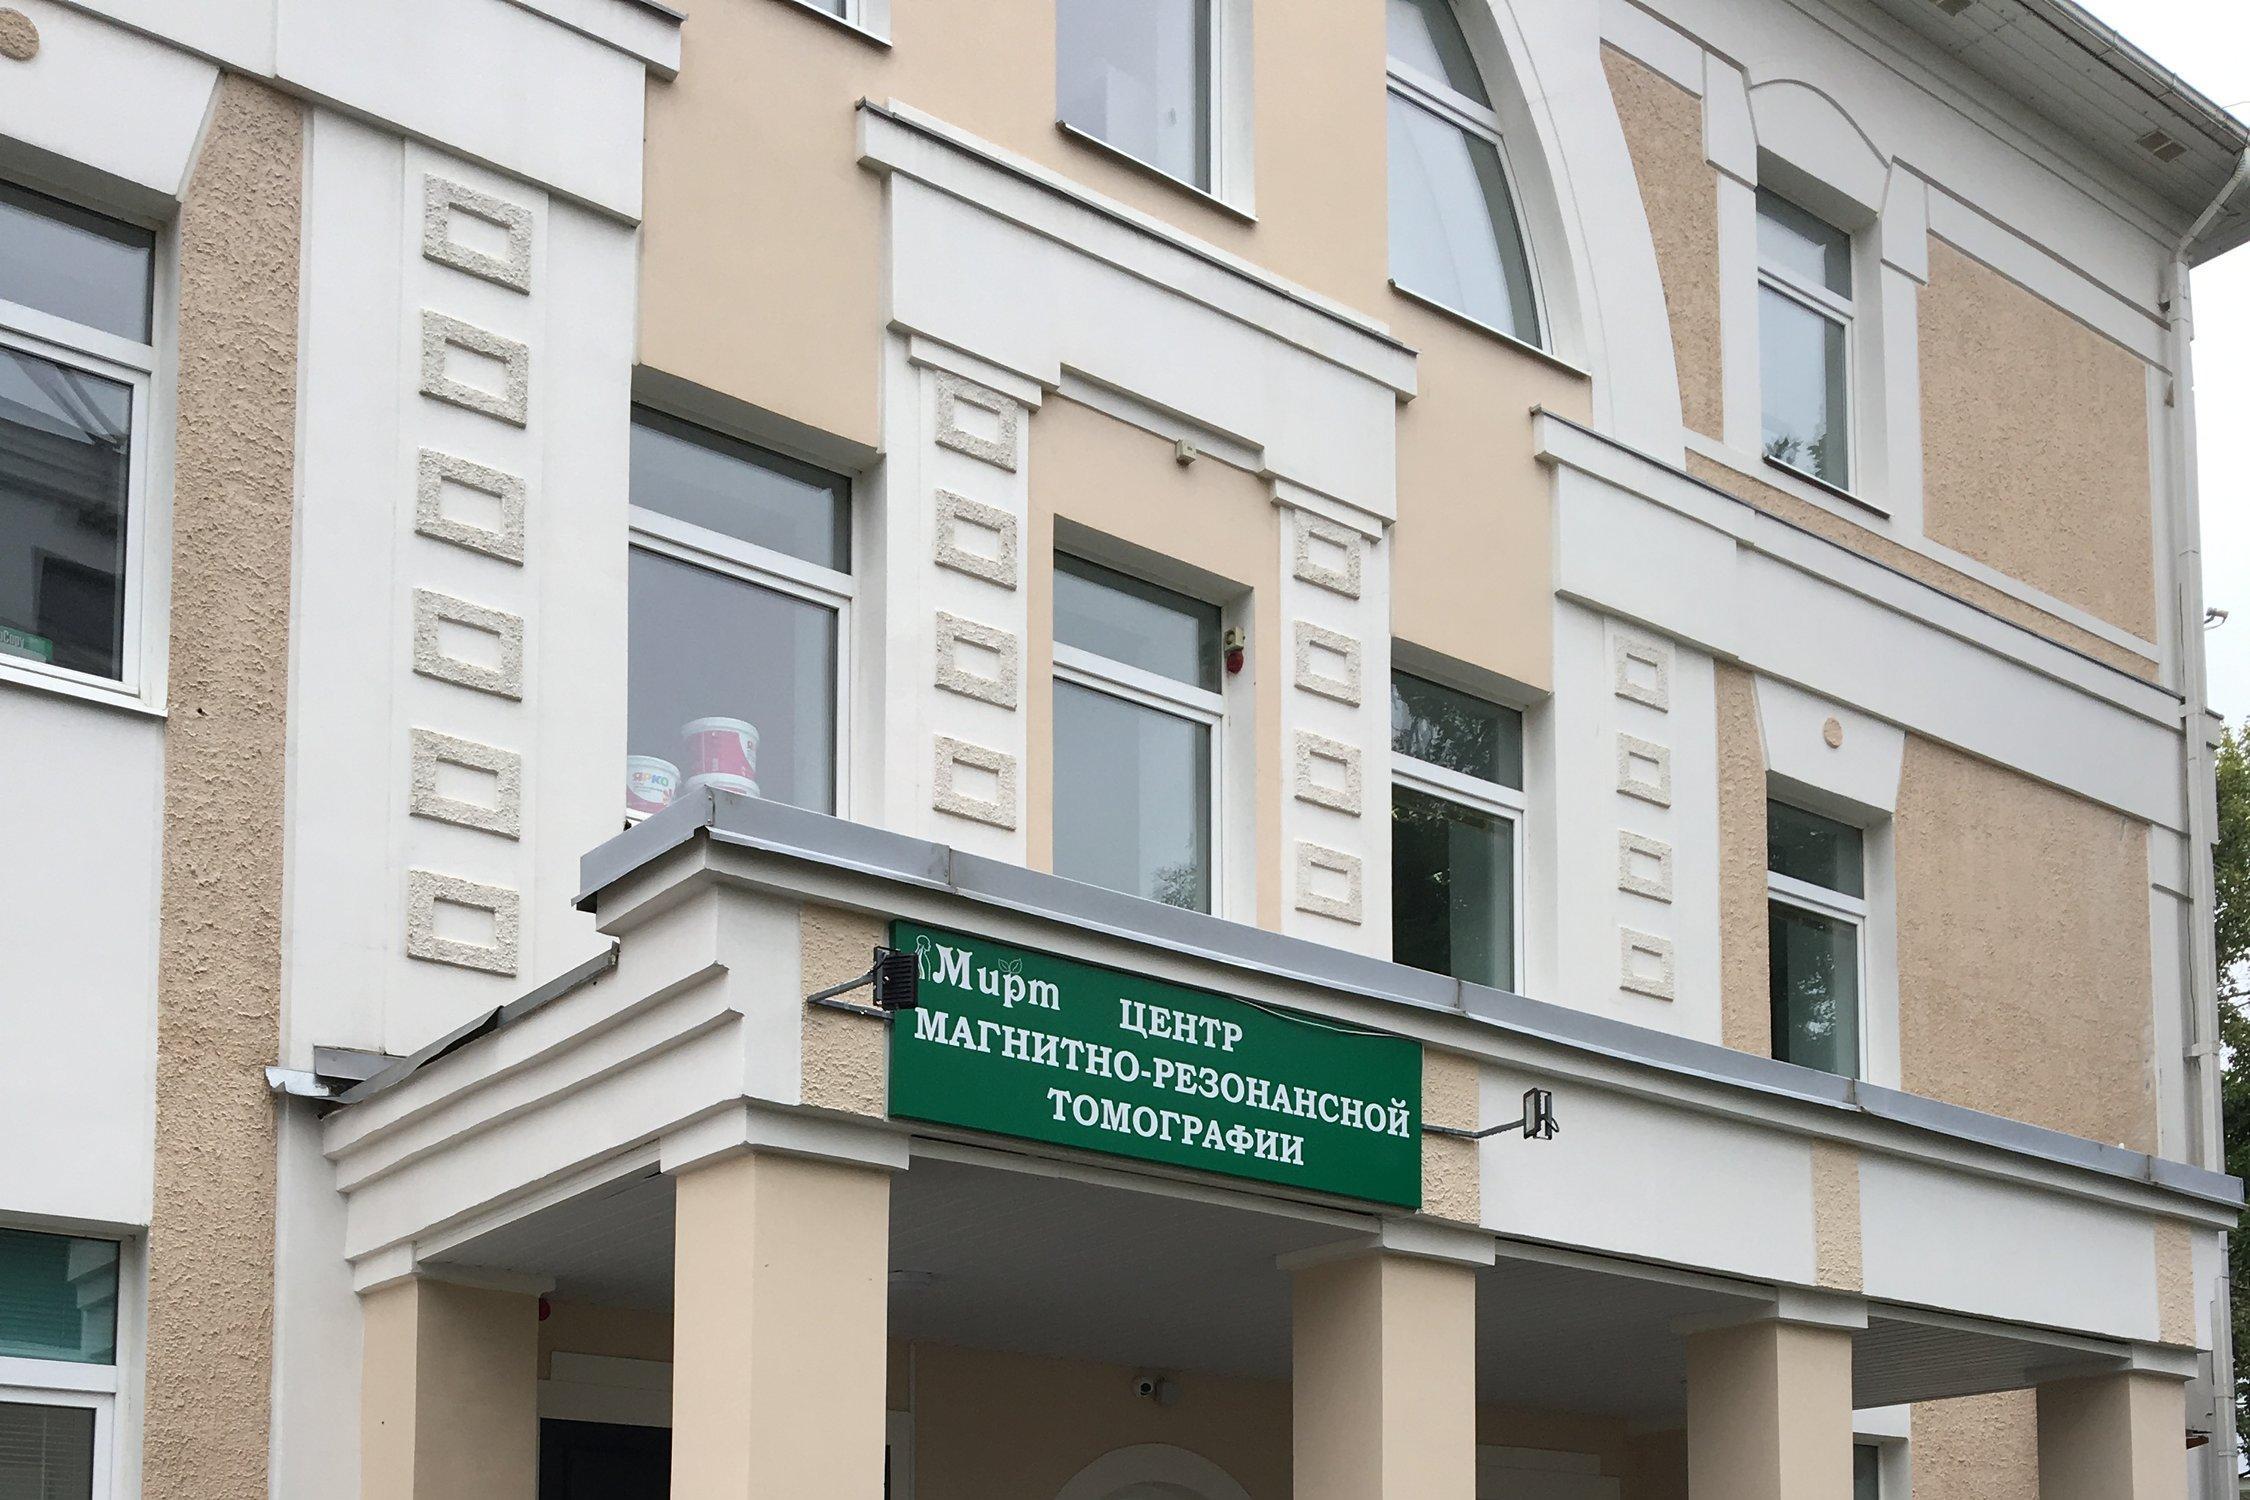 фотография Диагностического центра МИРТ МРТ на улице Свердлова